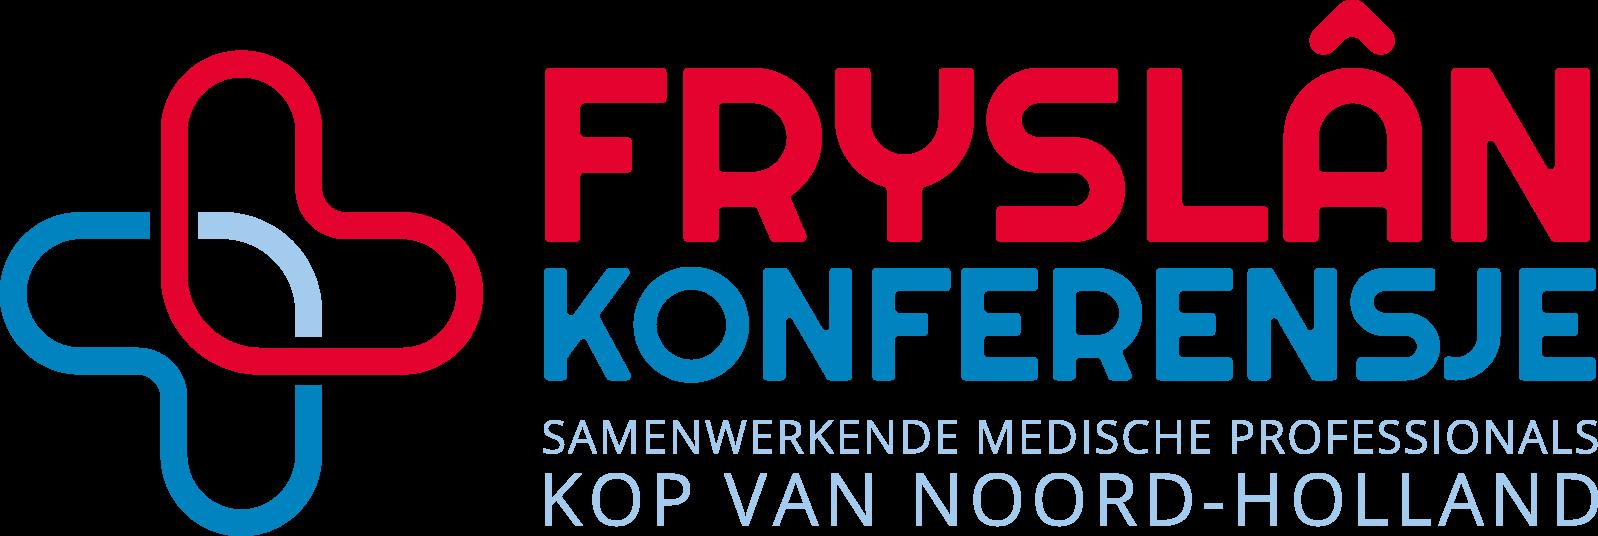 social-FryslandKonferensje-logo